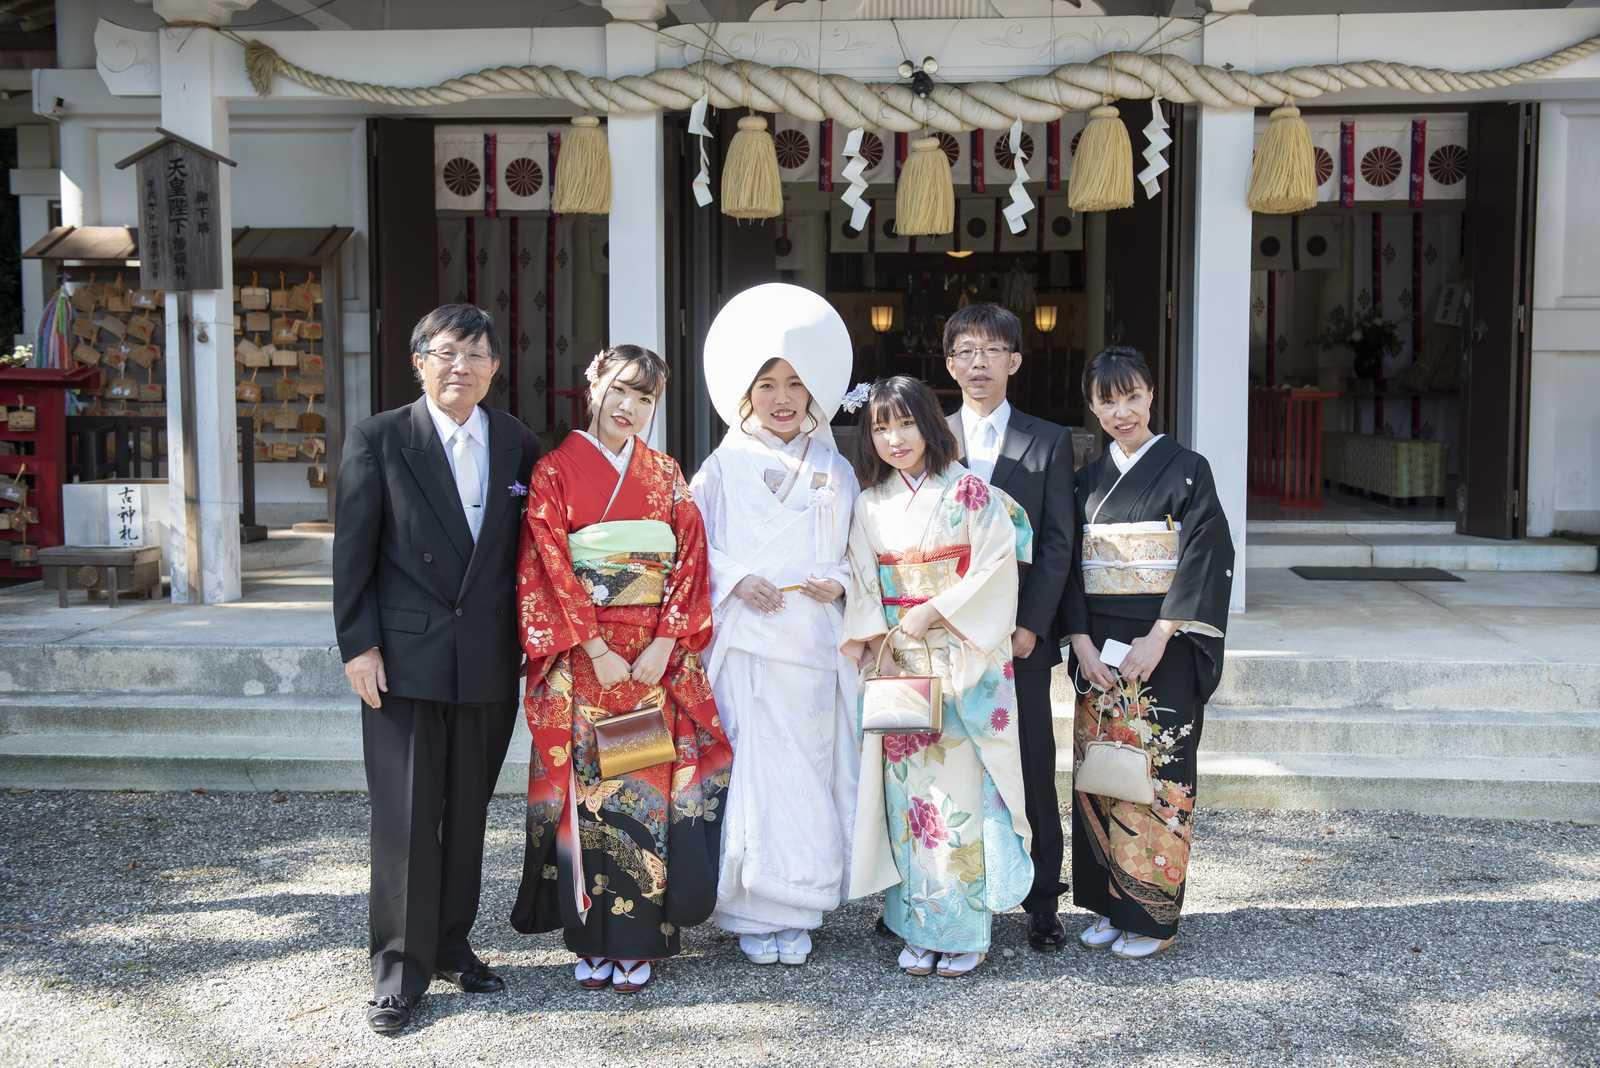 徳島市の結婚式場ブランアンジュで披露宴を行う前に挙式をした忌部神社で親族と写真を撮影する新郎新婦